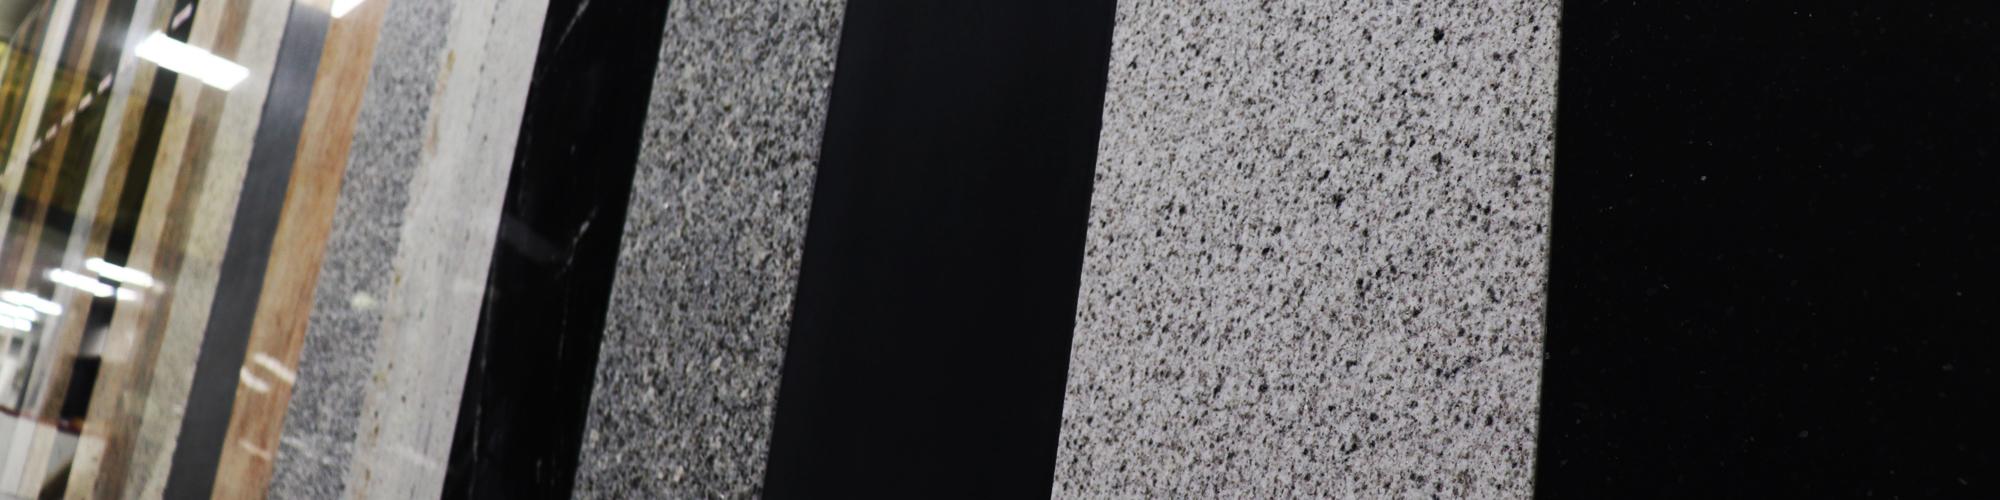 granite worktops, quartz worktops, quartz countertops, granite countertops, granite or quartz